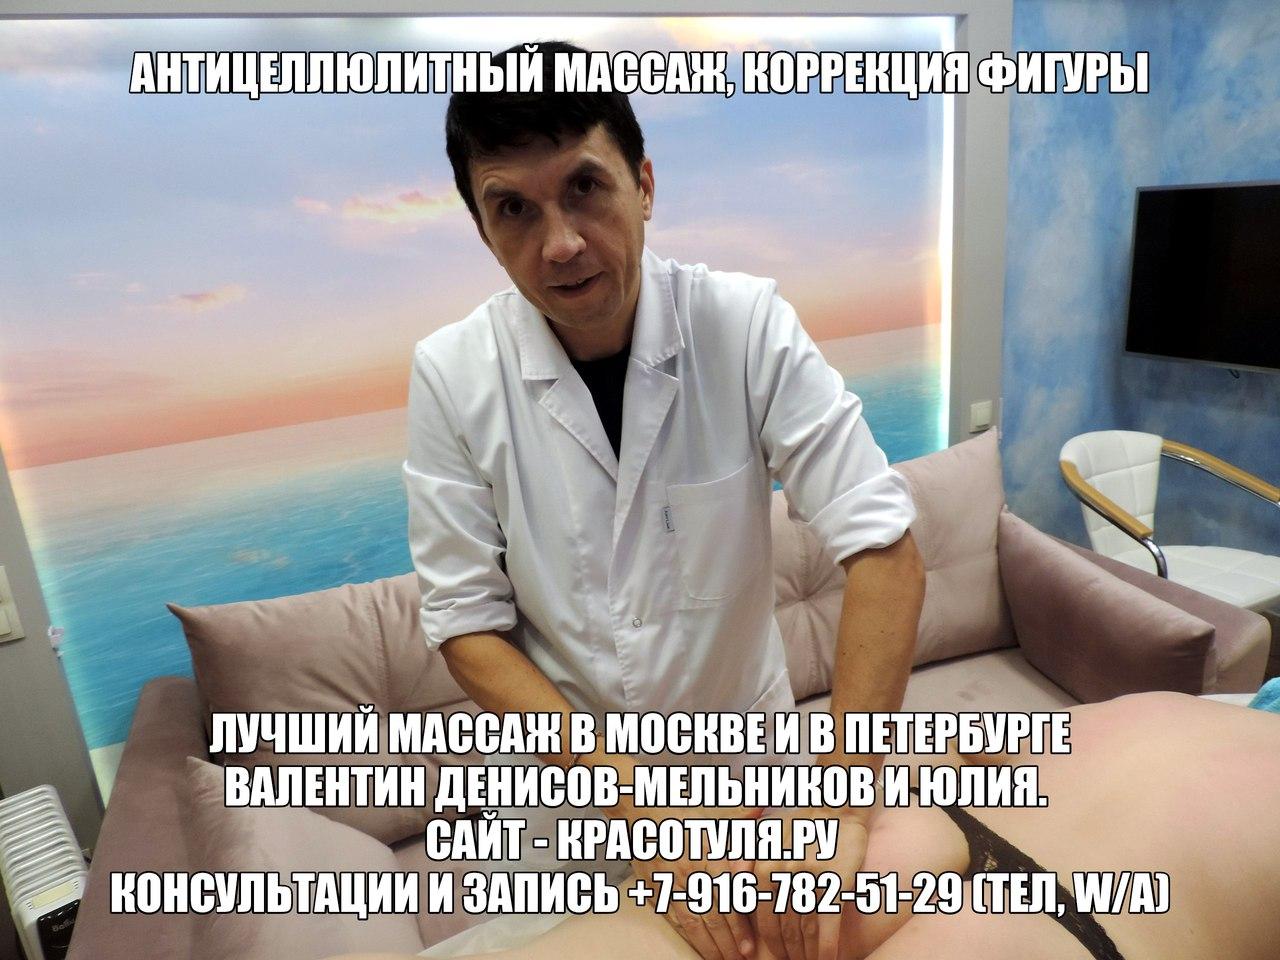 video-onlayn-lezhit-na-massazhnom-stolike-polnostyu-rasslablennaya-pornuha-porno-zvezda-viola-v-kontakte